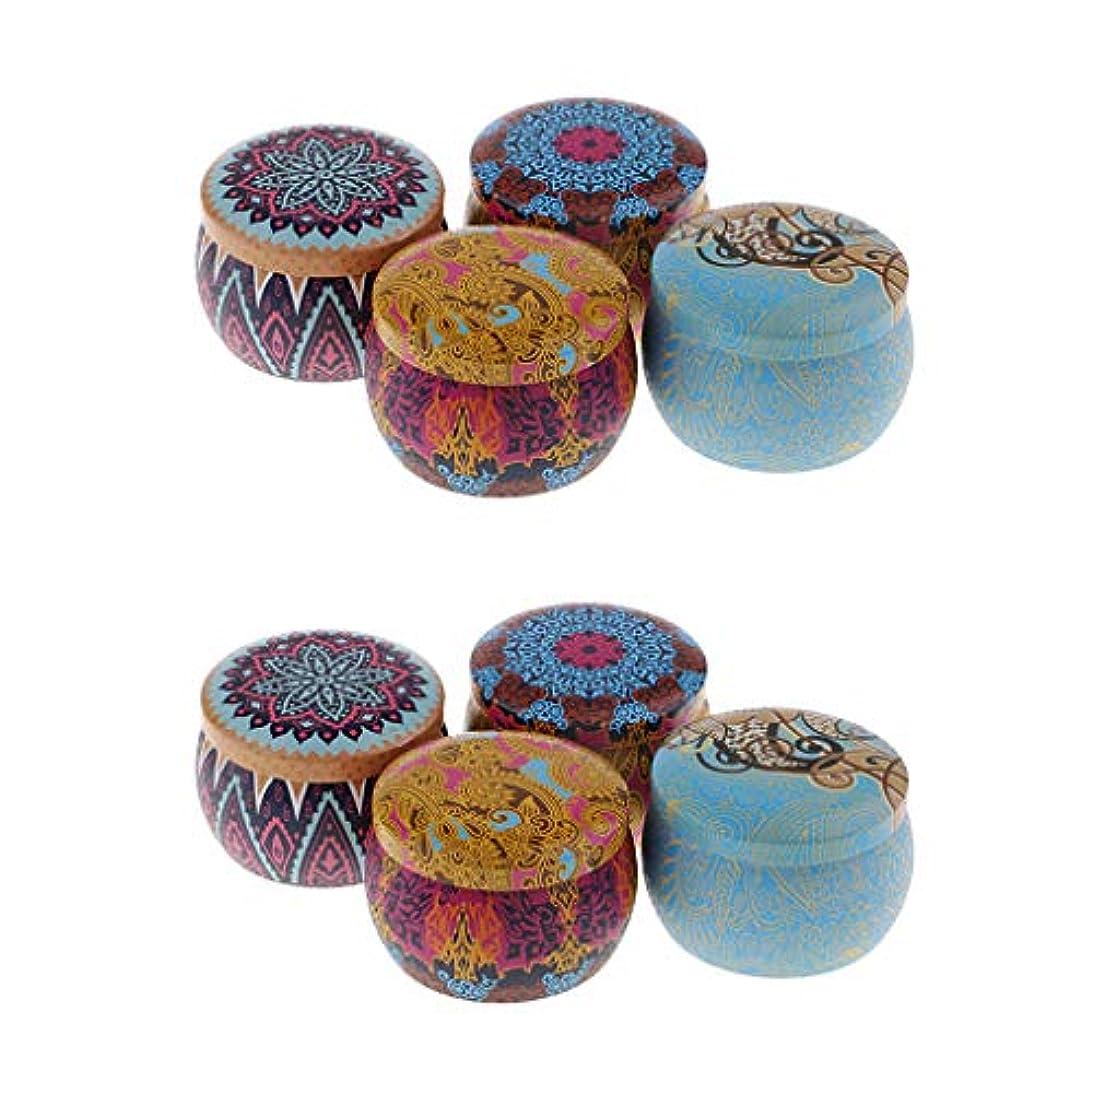 すぐにうっかりカレッジB Blesiya キャンドル アロマ 缶 香りキャンドル 携帯用 家庭 オフィス 教会 8個セット